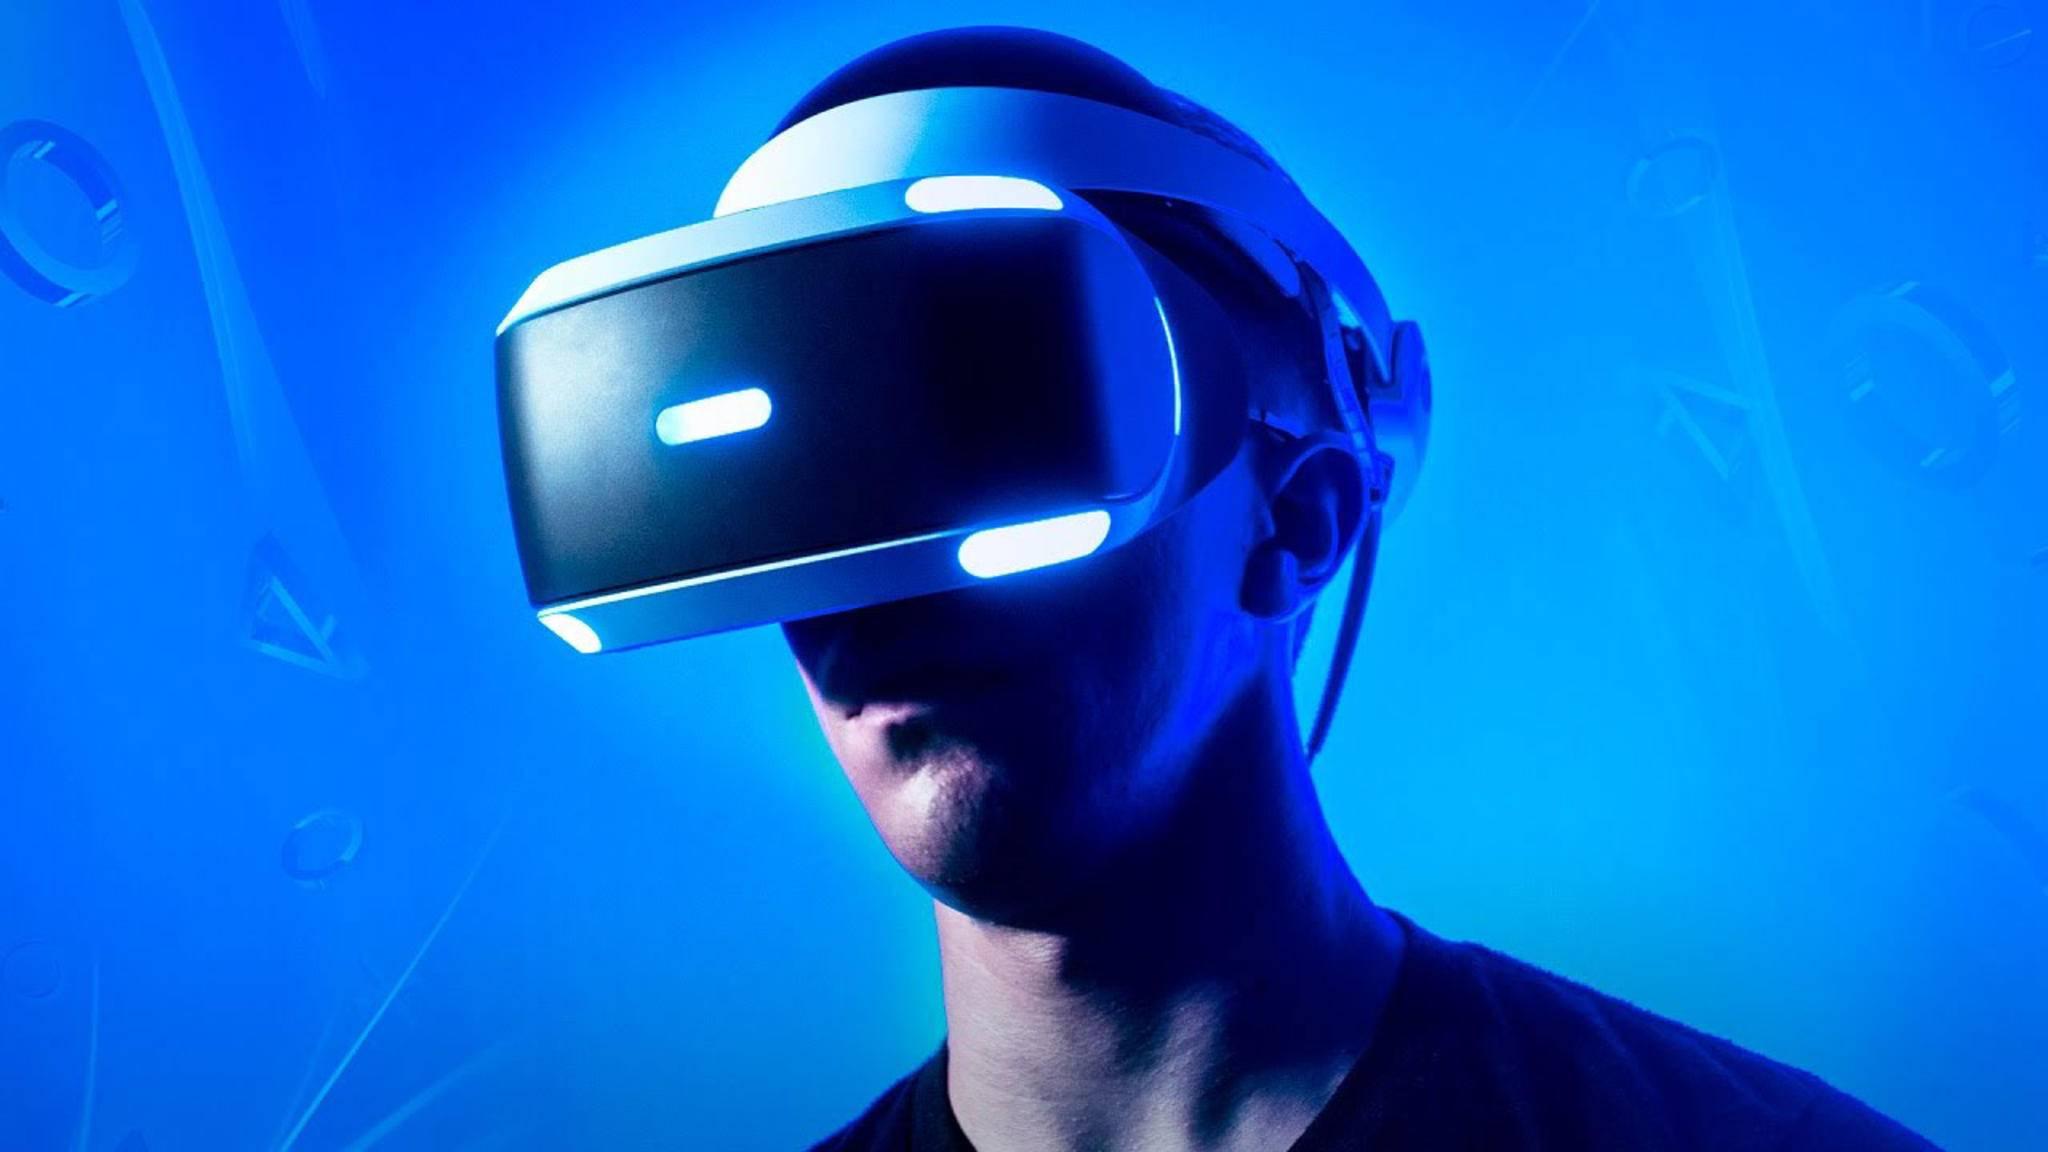 Hry pro Playstation 5 pravděpodobně nebudou podporovat VR